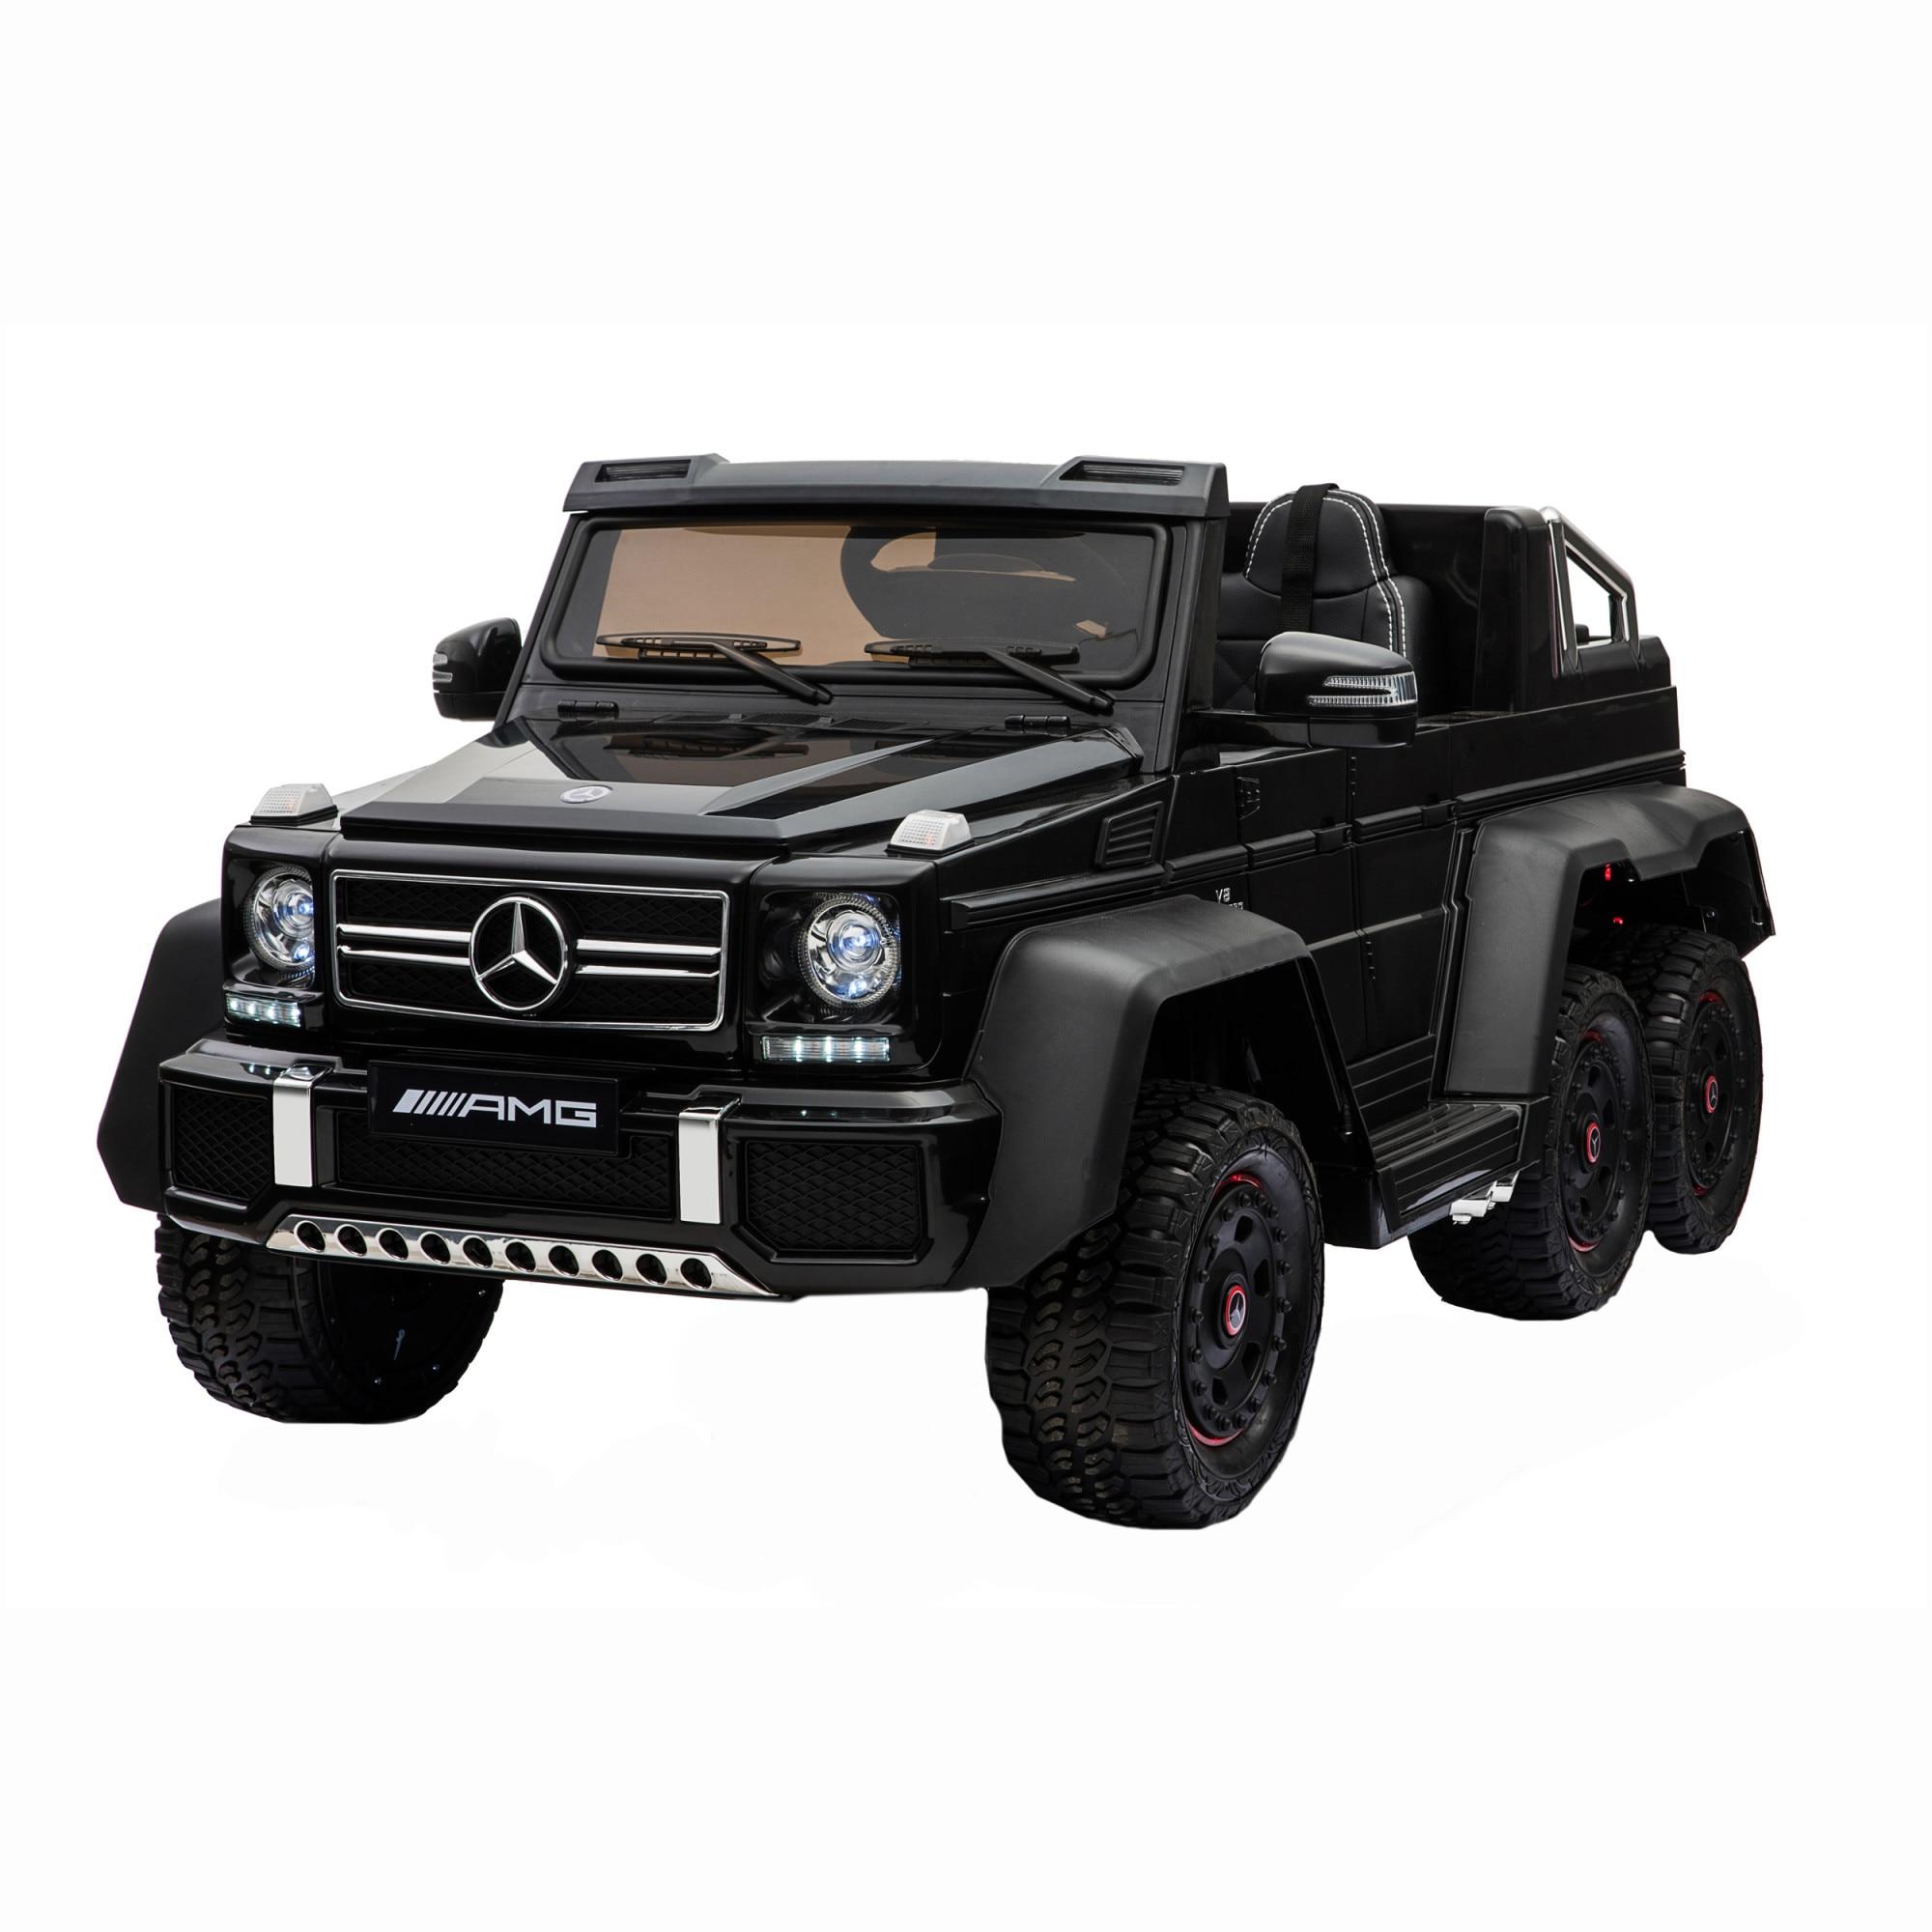 Fotografie Masinuta electrica pentru copii, Mappy Mercedes Benz, Negru